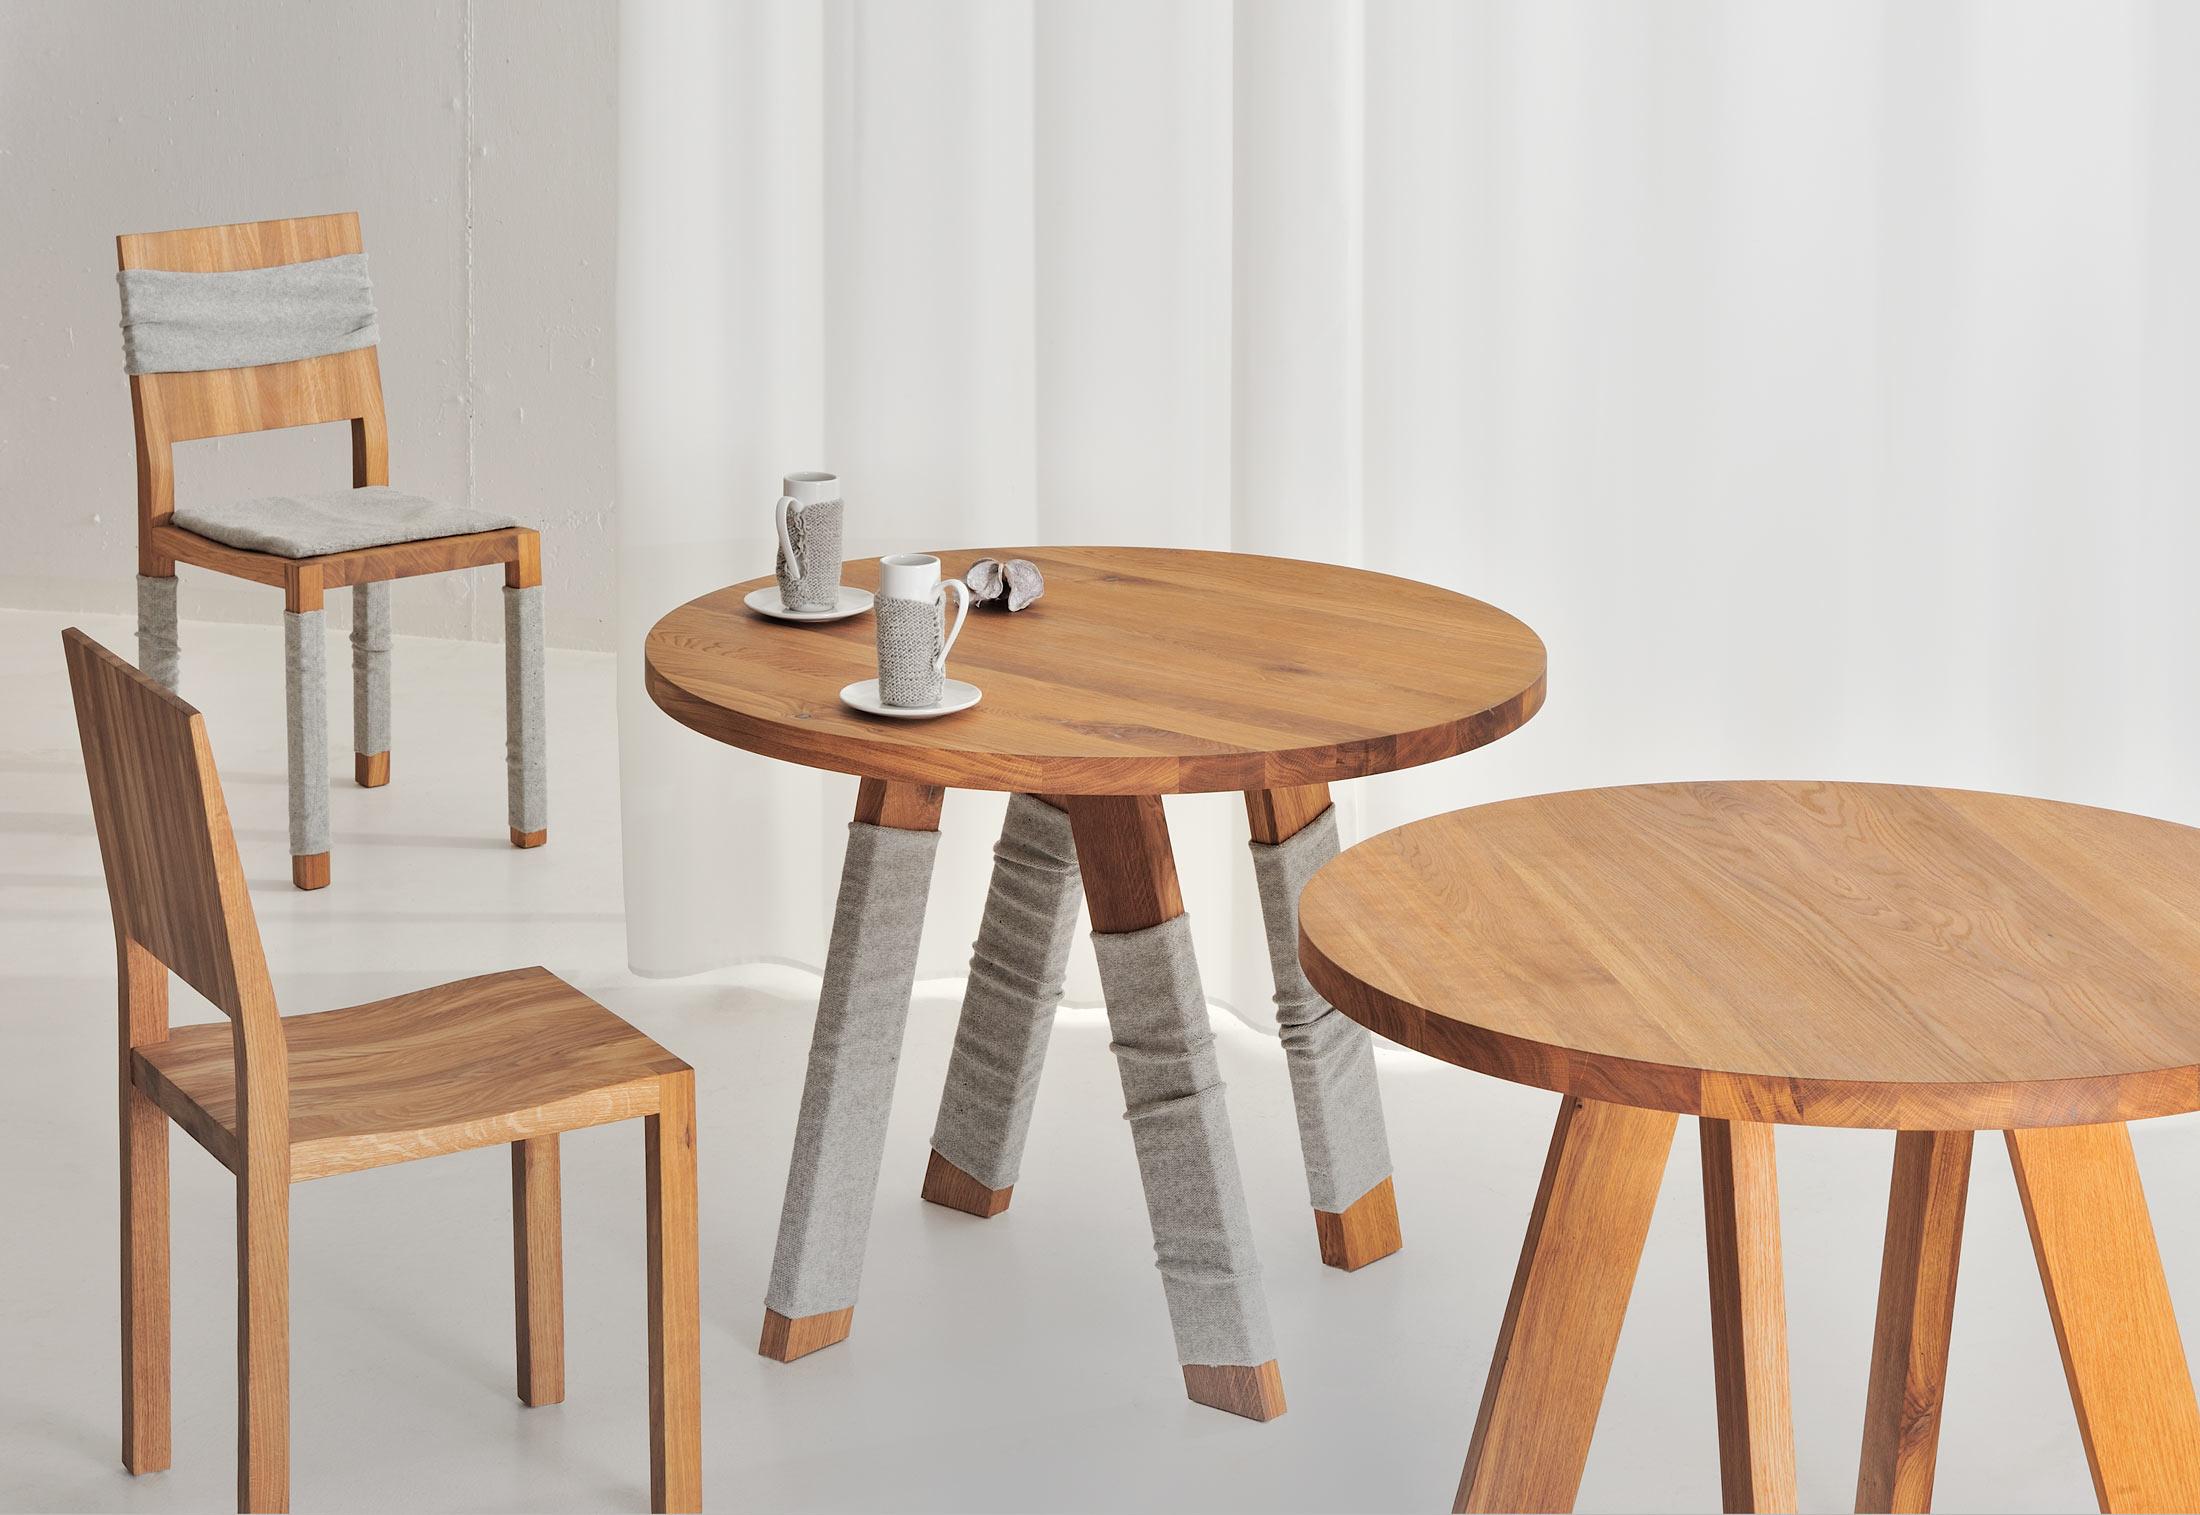 Zirkel tisch von vitamin design stylepark for Tisch vitamin design